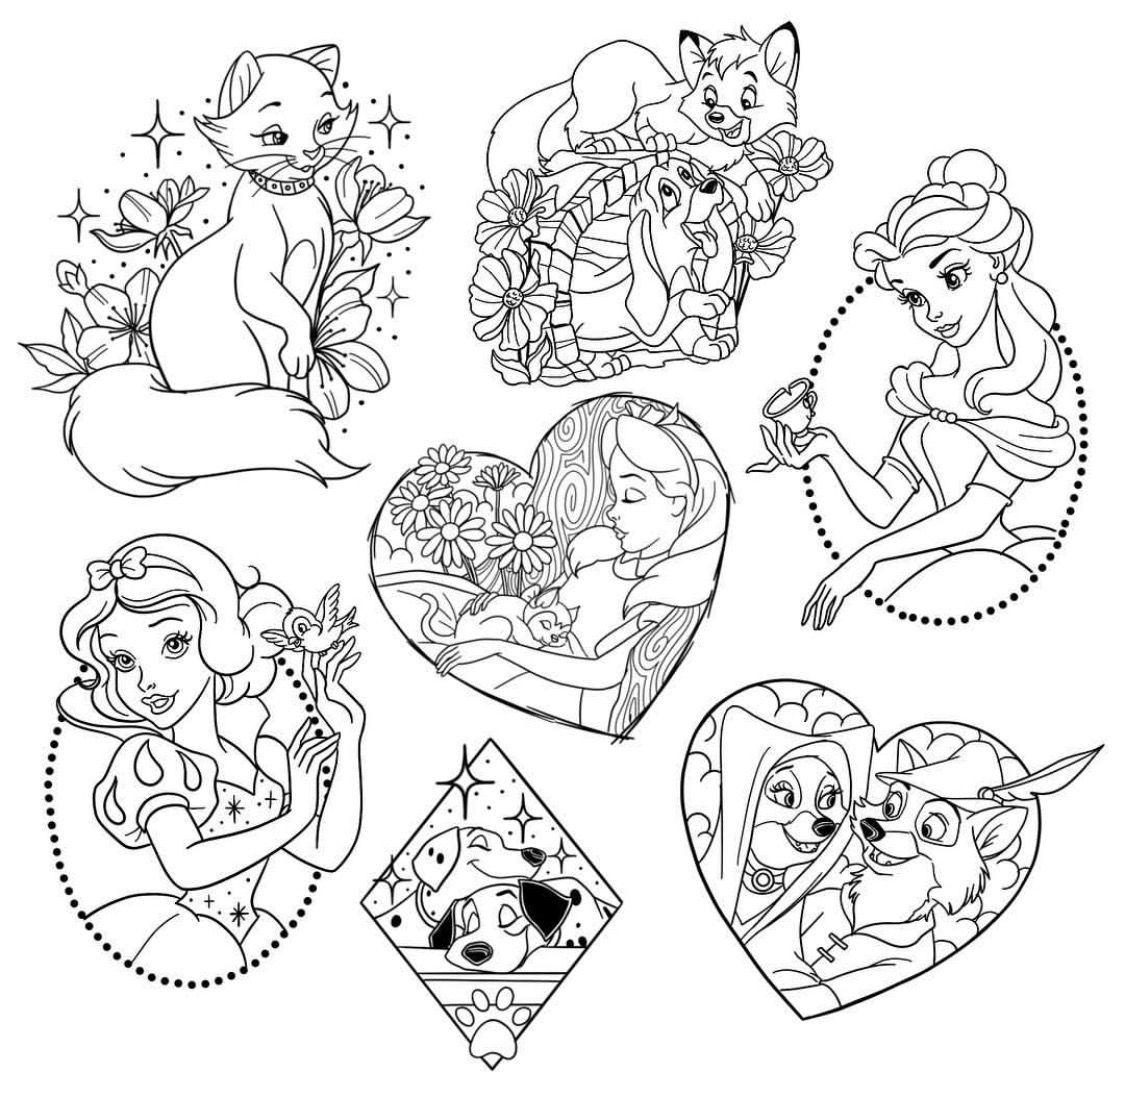 Seria Increible Tener Duquesa Pero Me Gustaria Obtener El Robin Hood Si Seria Increible Tener Du In 2020 Disney Tattoos Disney Coloring Pages Disney Drawings